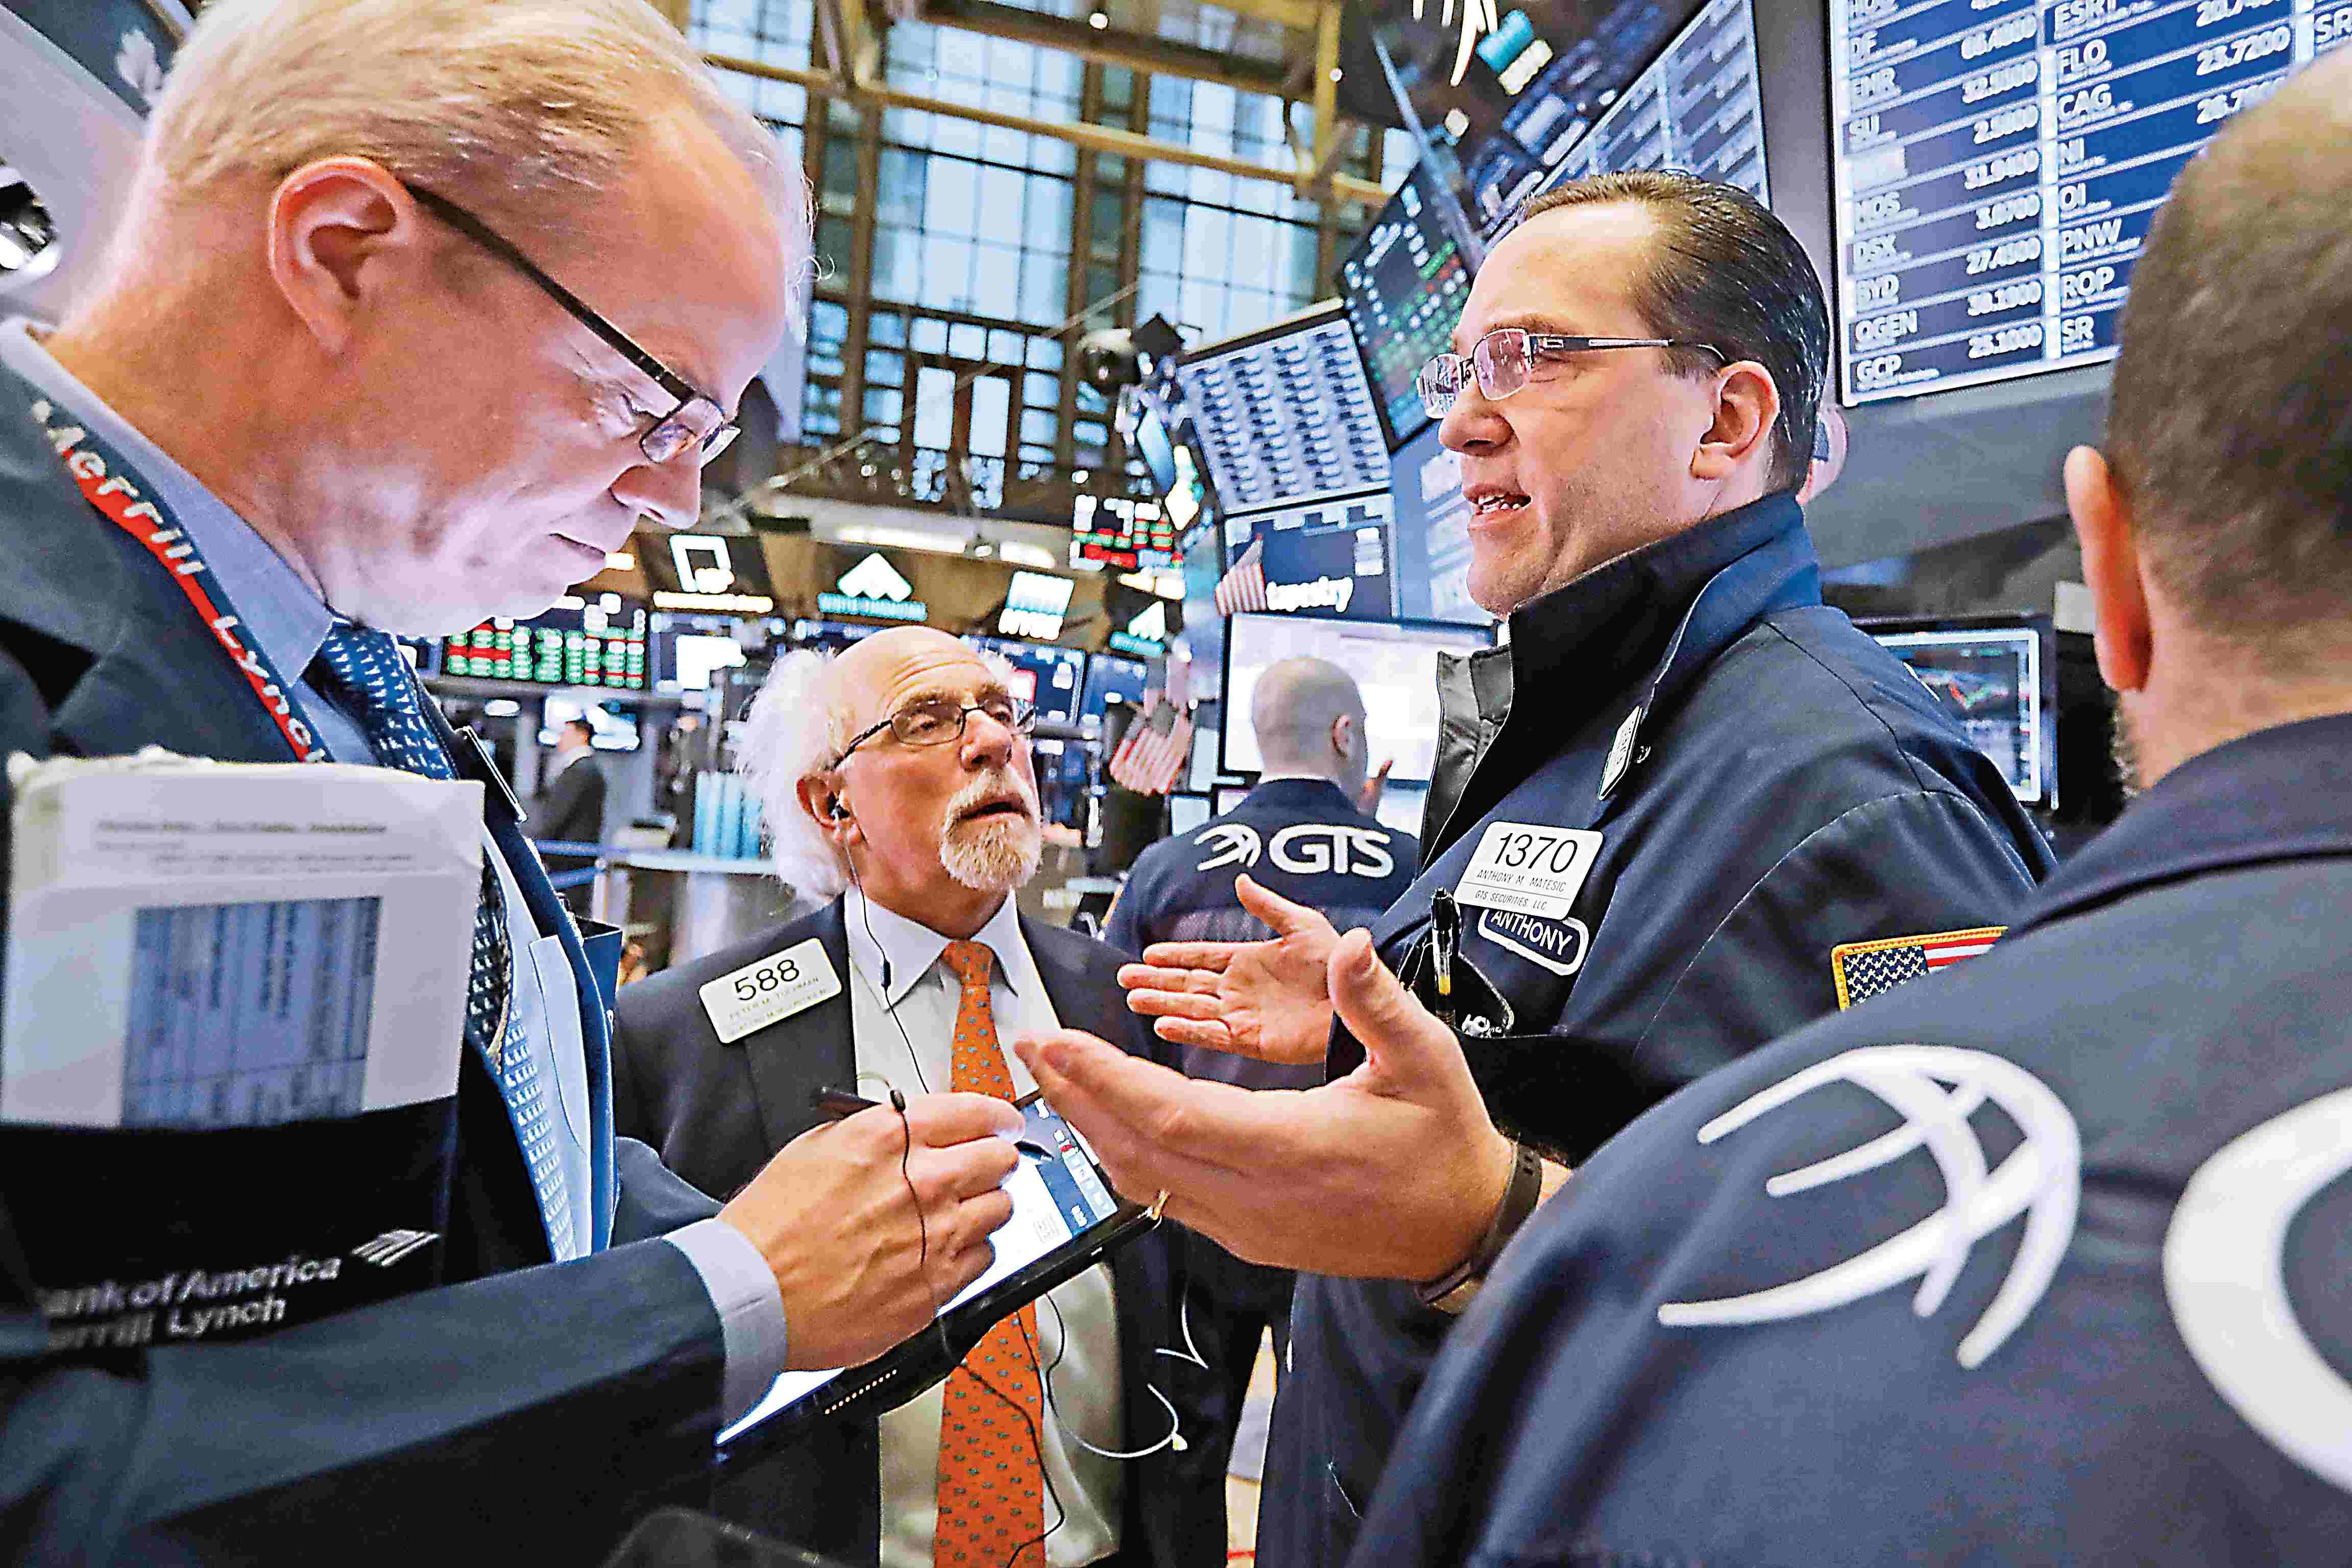 欧美股市全线收涨 纳指重返8000点